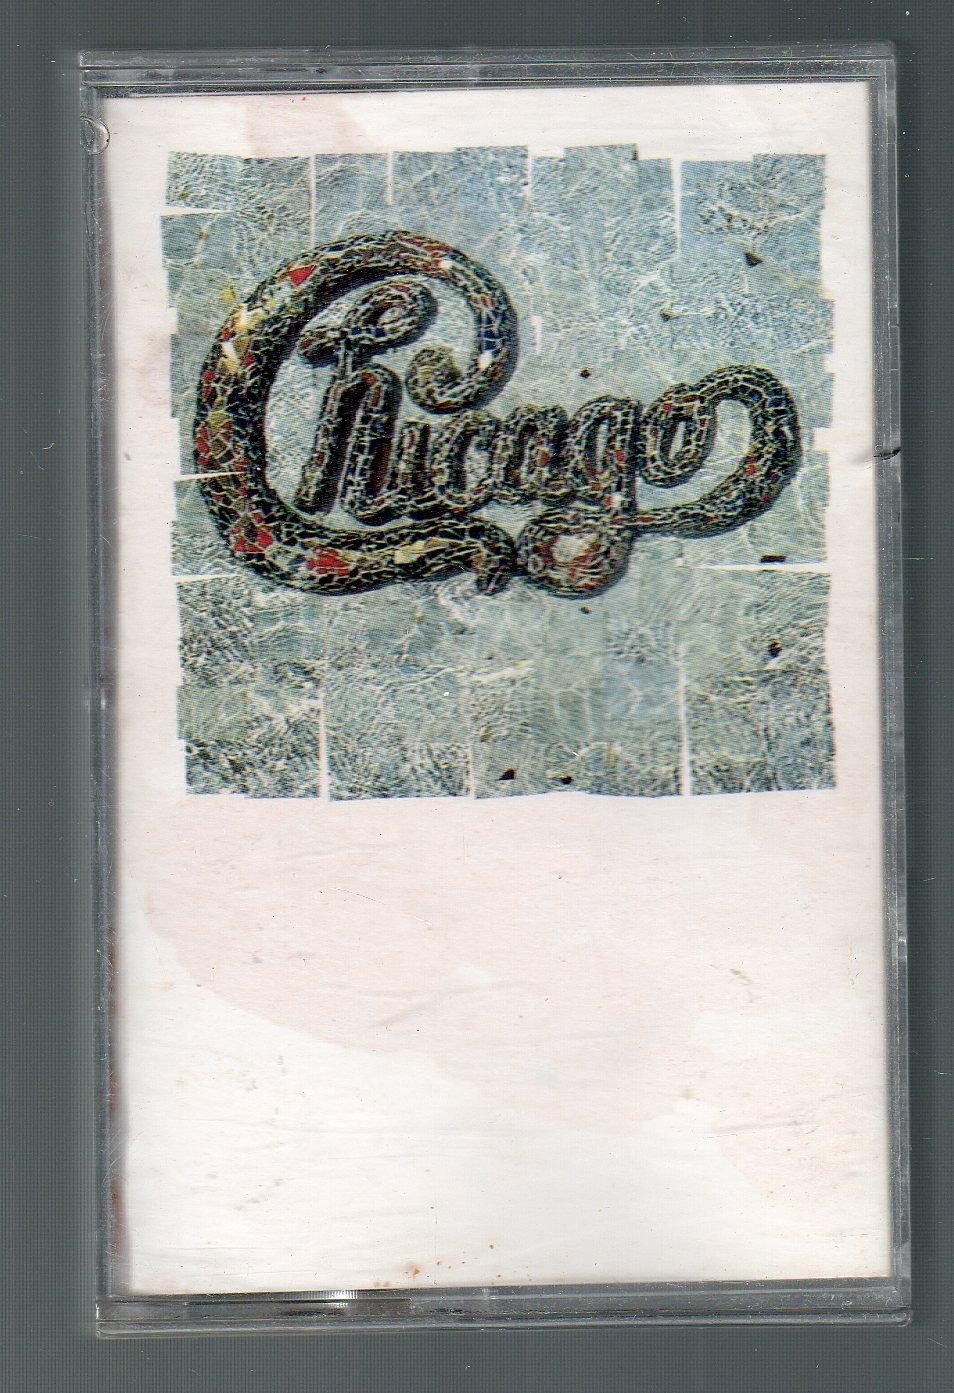 Chicago - Chicago 18 Cassette Tape